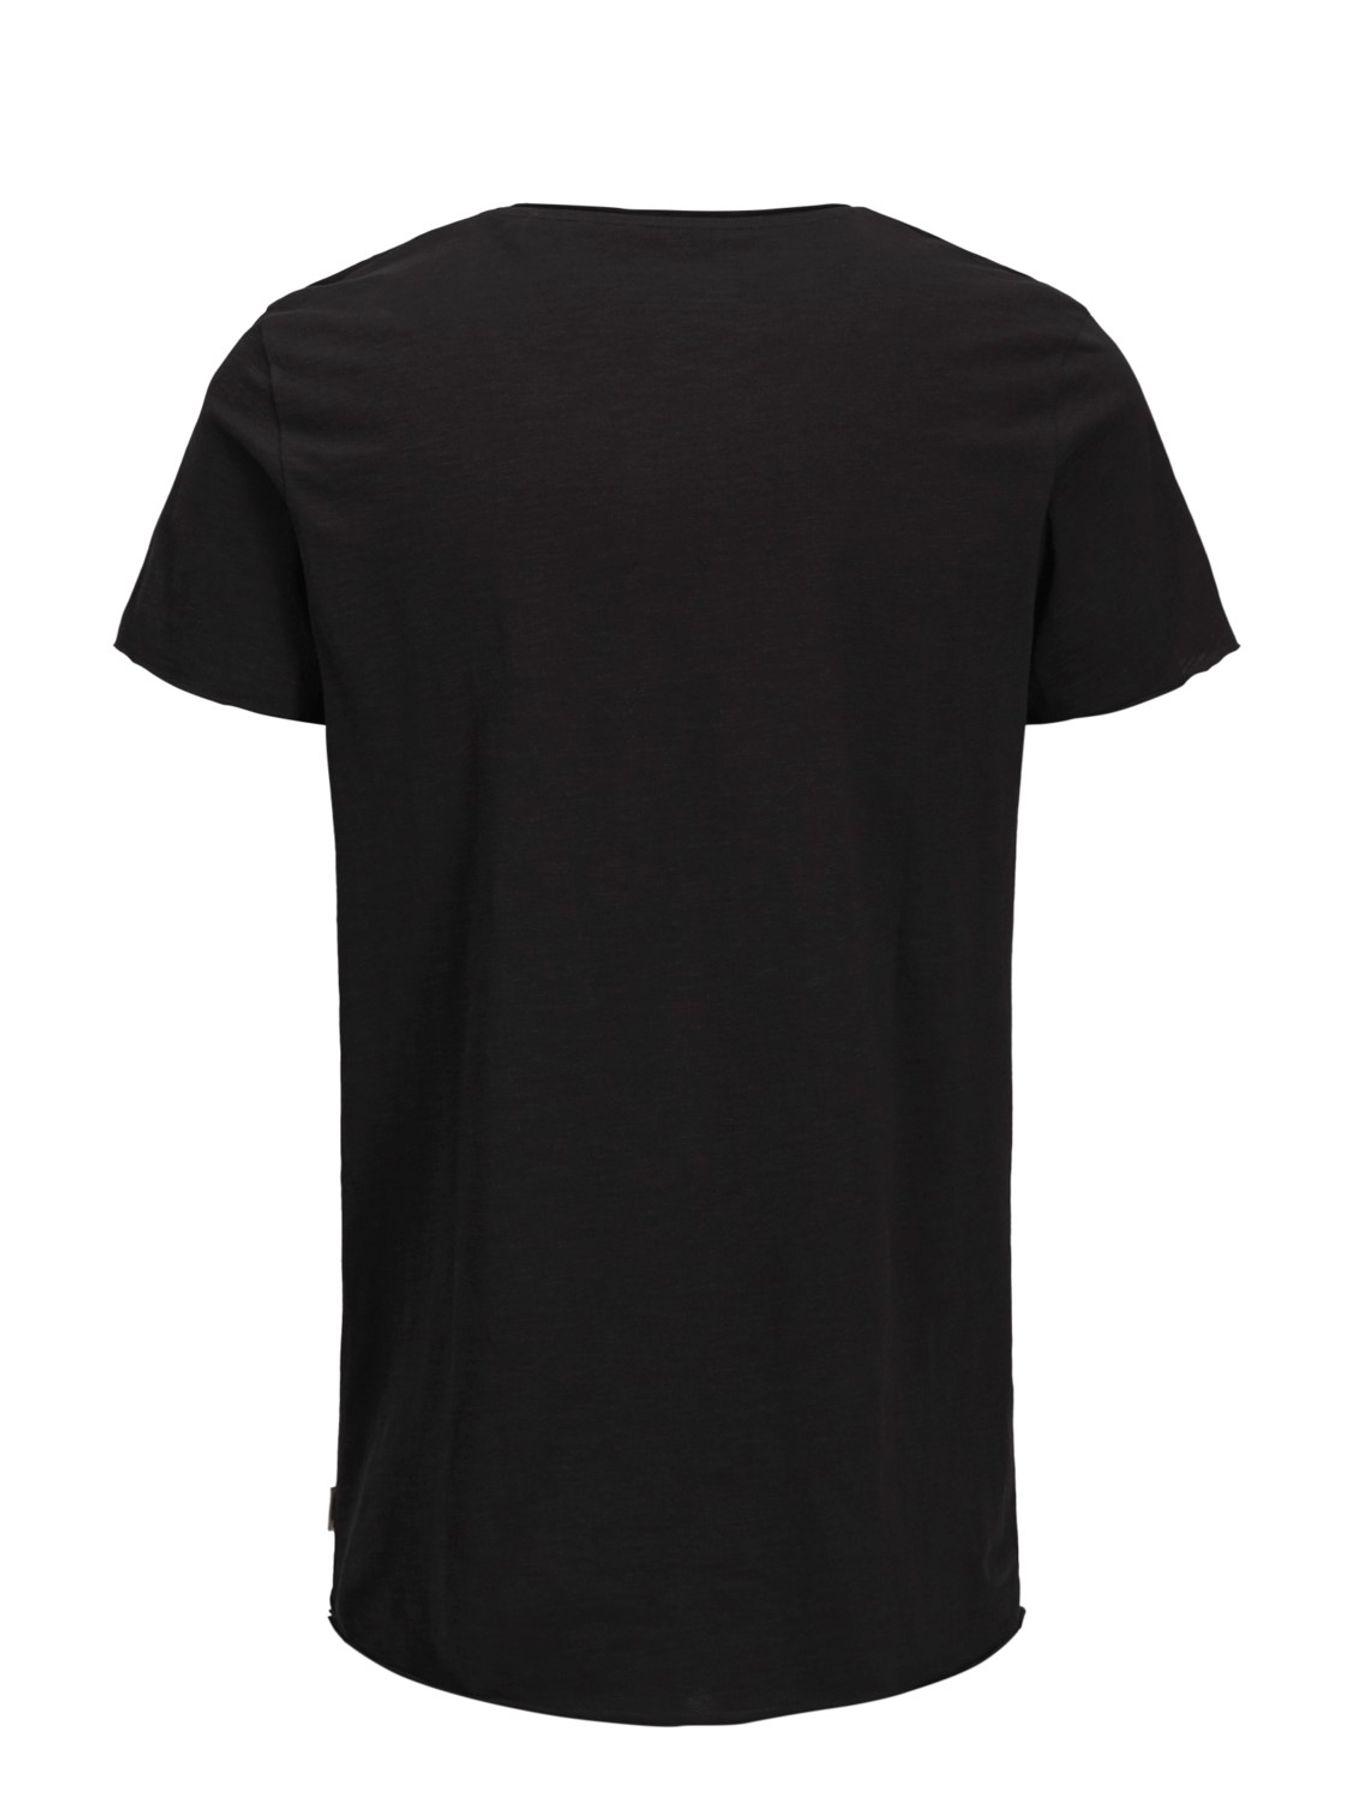 Jack & Jones - Herren T-shirt in verschiedenen Farben, (Art. 12136679) – Bild 2